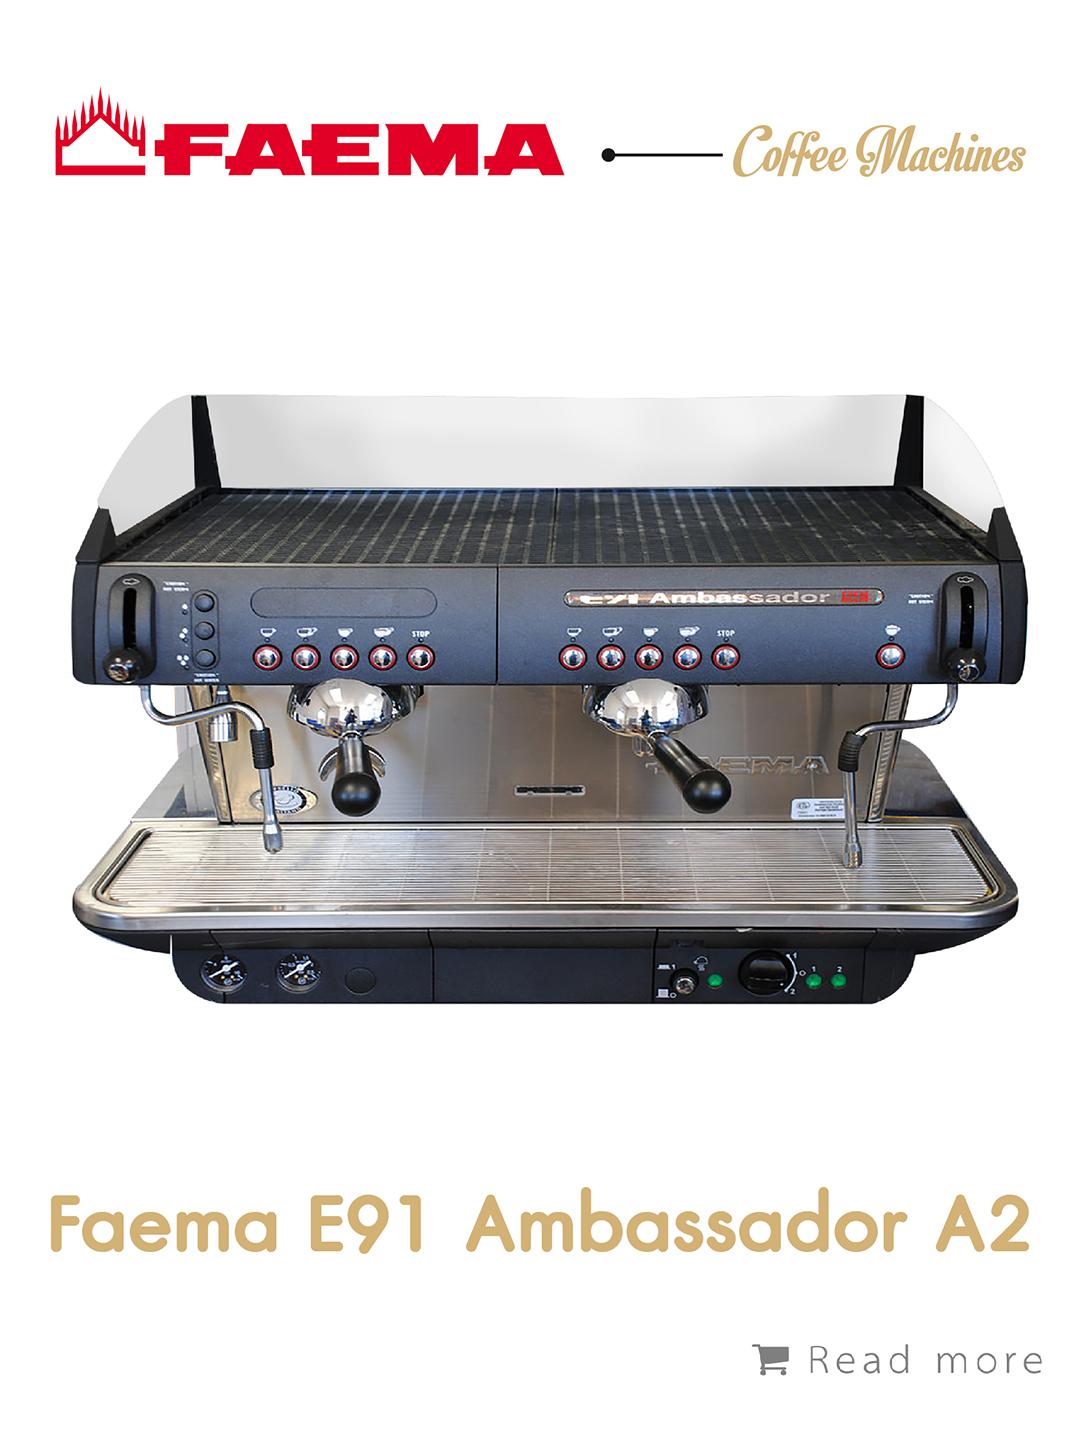 เครื่องชงกาแฟ Faema E91 Ambassador A2,เครื่องชงกาแฟ, เรียนชงกาแฟ, สอนชงกาแฟ, อุปกรณ์ร้านกาแฟ, กาแฟคั่ว, ซ่อมเครื่องชงกาแฟ, ขายเครื่องชงกาแฟ, จำหน่ายเมล็ดกาแฟคั่ว, ขายเมล็ดกาแฟคั่ว, จำหน่ายเมล็ดกาแฟสาร, ขายเมล็ดกาแฟสาร, เมล็ดกาแฟคั่ว, เมล็ดกาแฟสาร, อุปกรณ์สำหรับเปิดร้านกาแฟ , เปิดสอนฝึกอบรมการชงกาแฟที่ถูกต้อง , รับจ้างโปรเซสกาแฟ, คั่วกาแฟด้วยเครื่องจักรอันทันสมัย